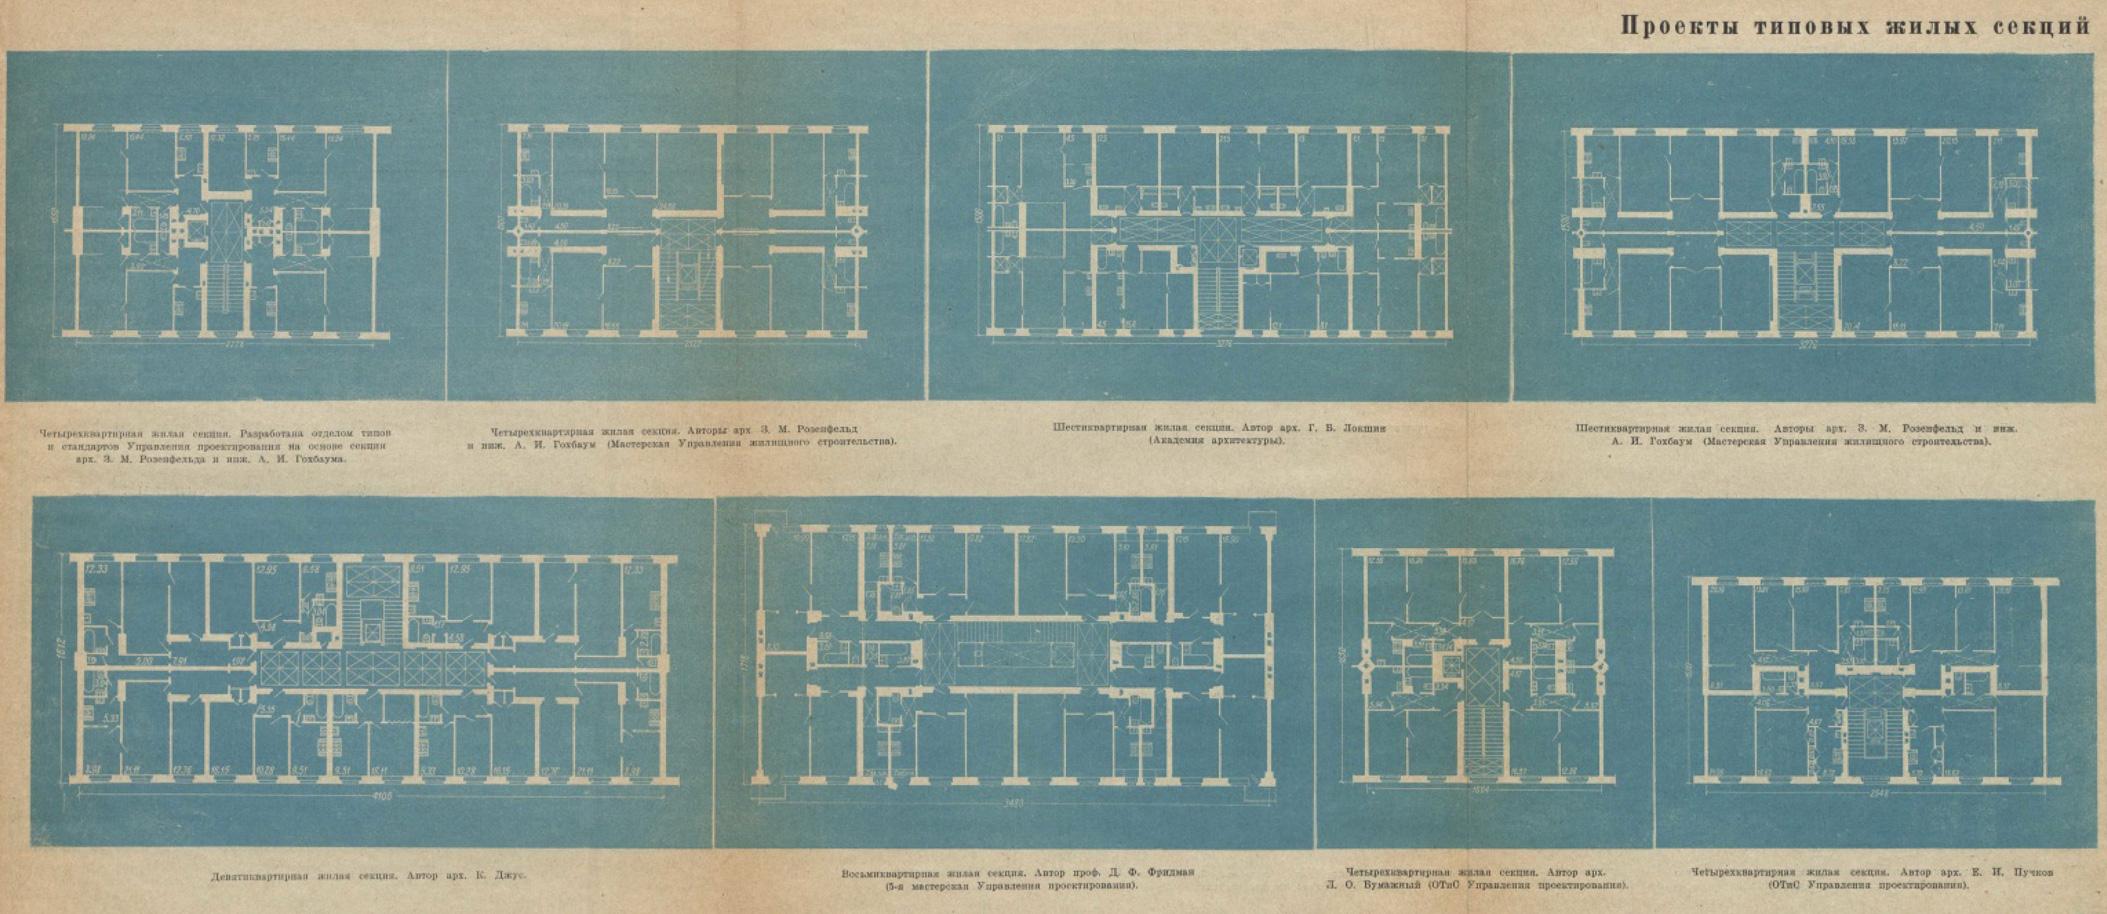 Проекты типовых жилых секций